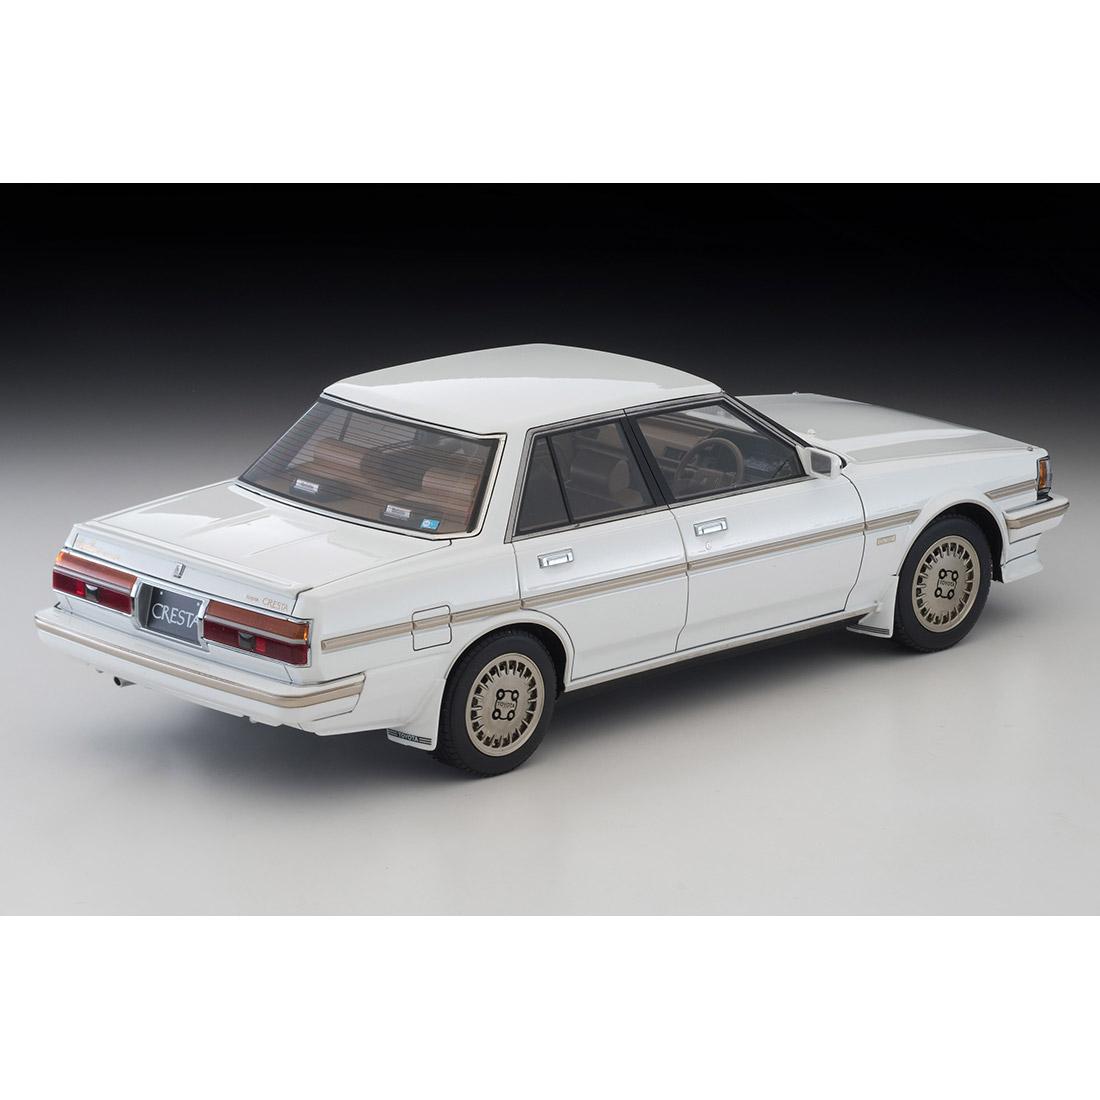 イグニッションモデル×トミーテック T-IG1809『クレスタ スーパールーセント エクシード(パールホワイト)』1/18 ミニカー-003